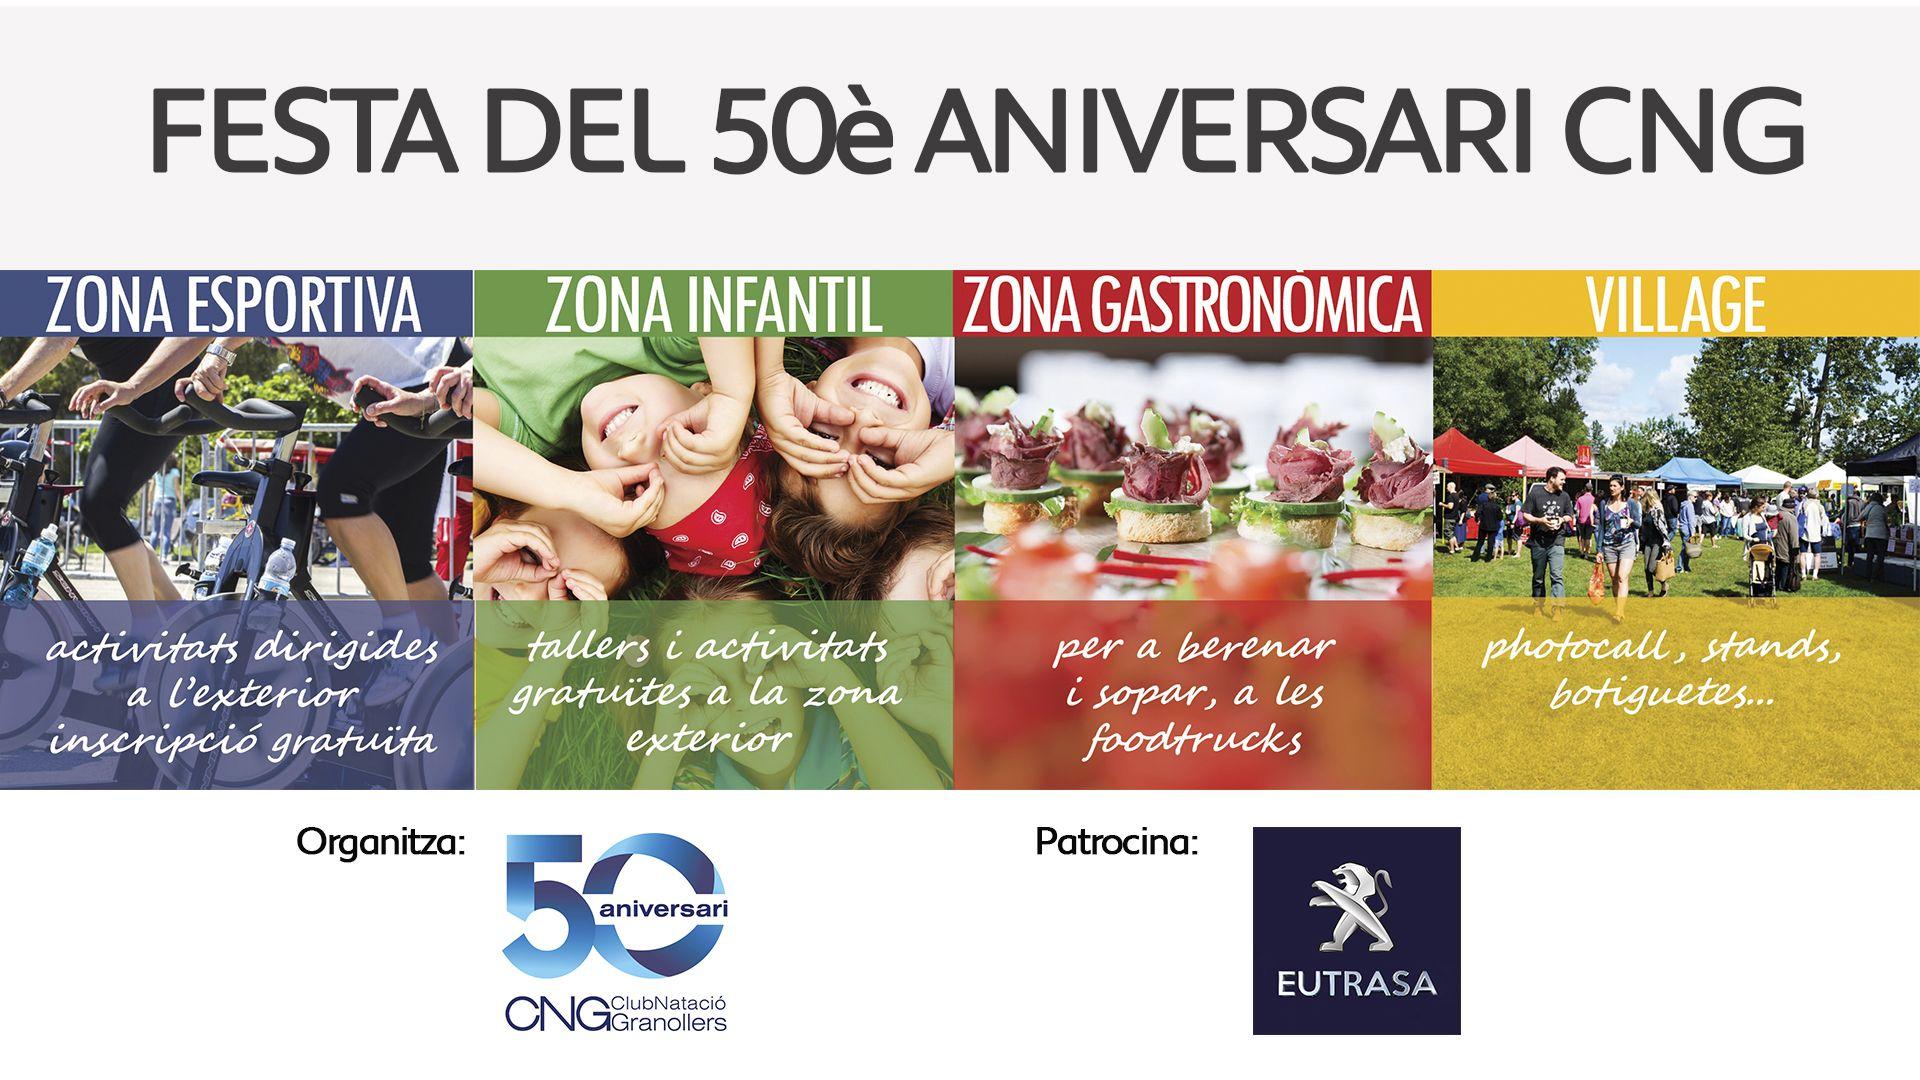 Eutrasa patrocina la Festa del 50è aniversari del Club Natació Granollers